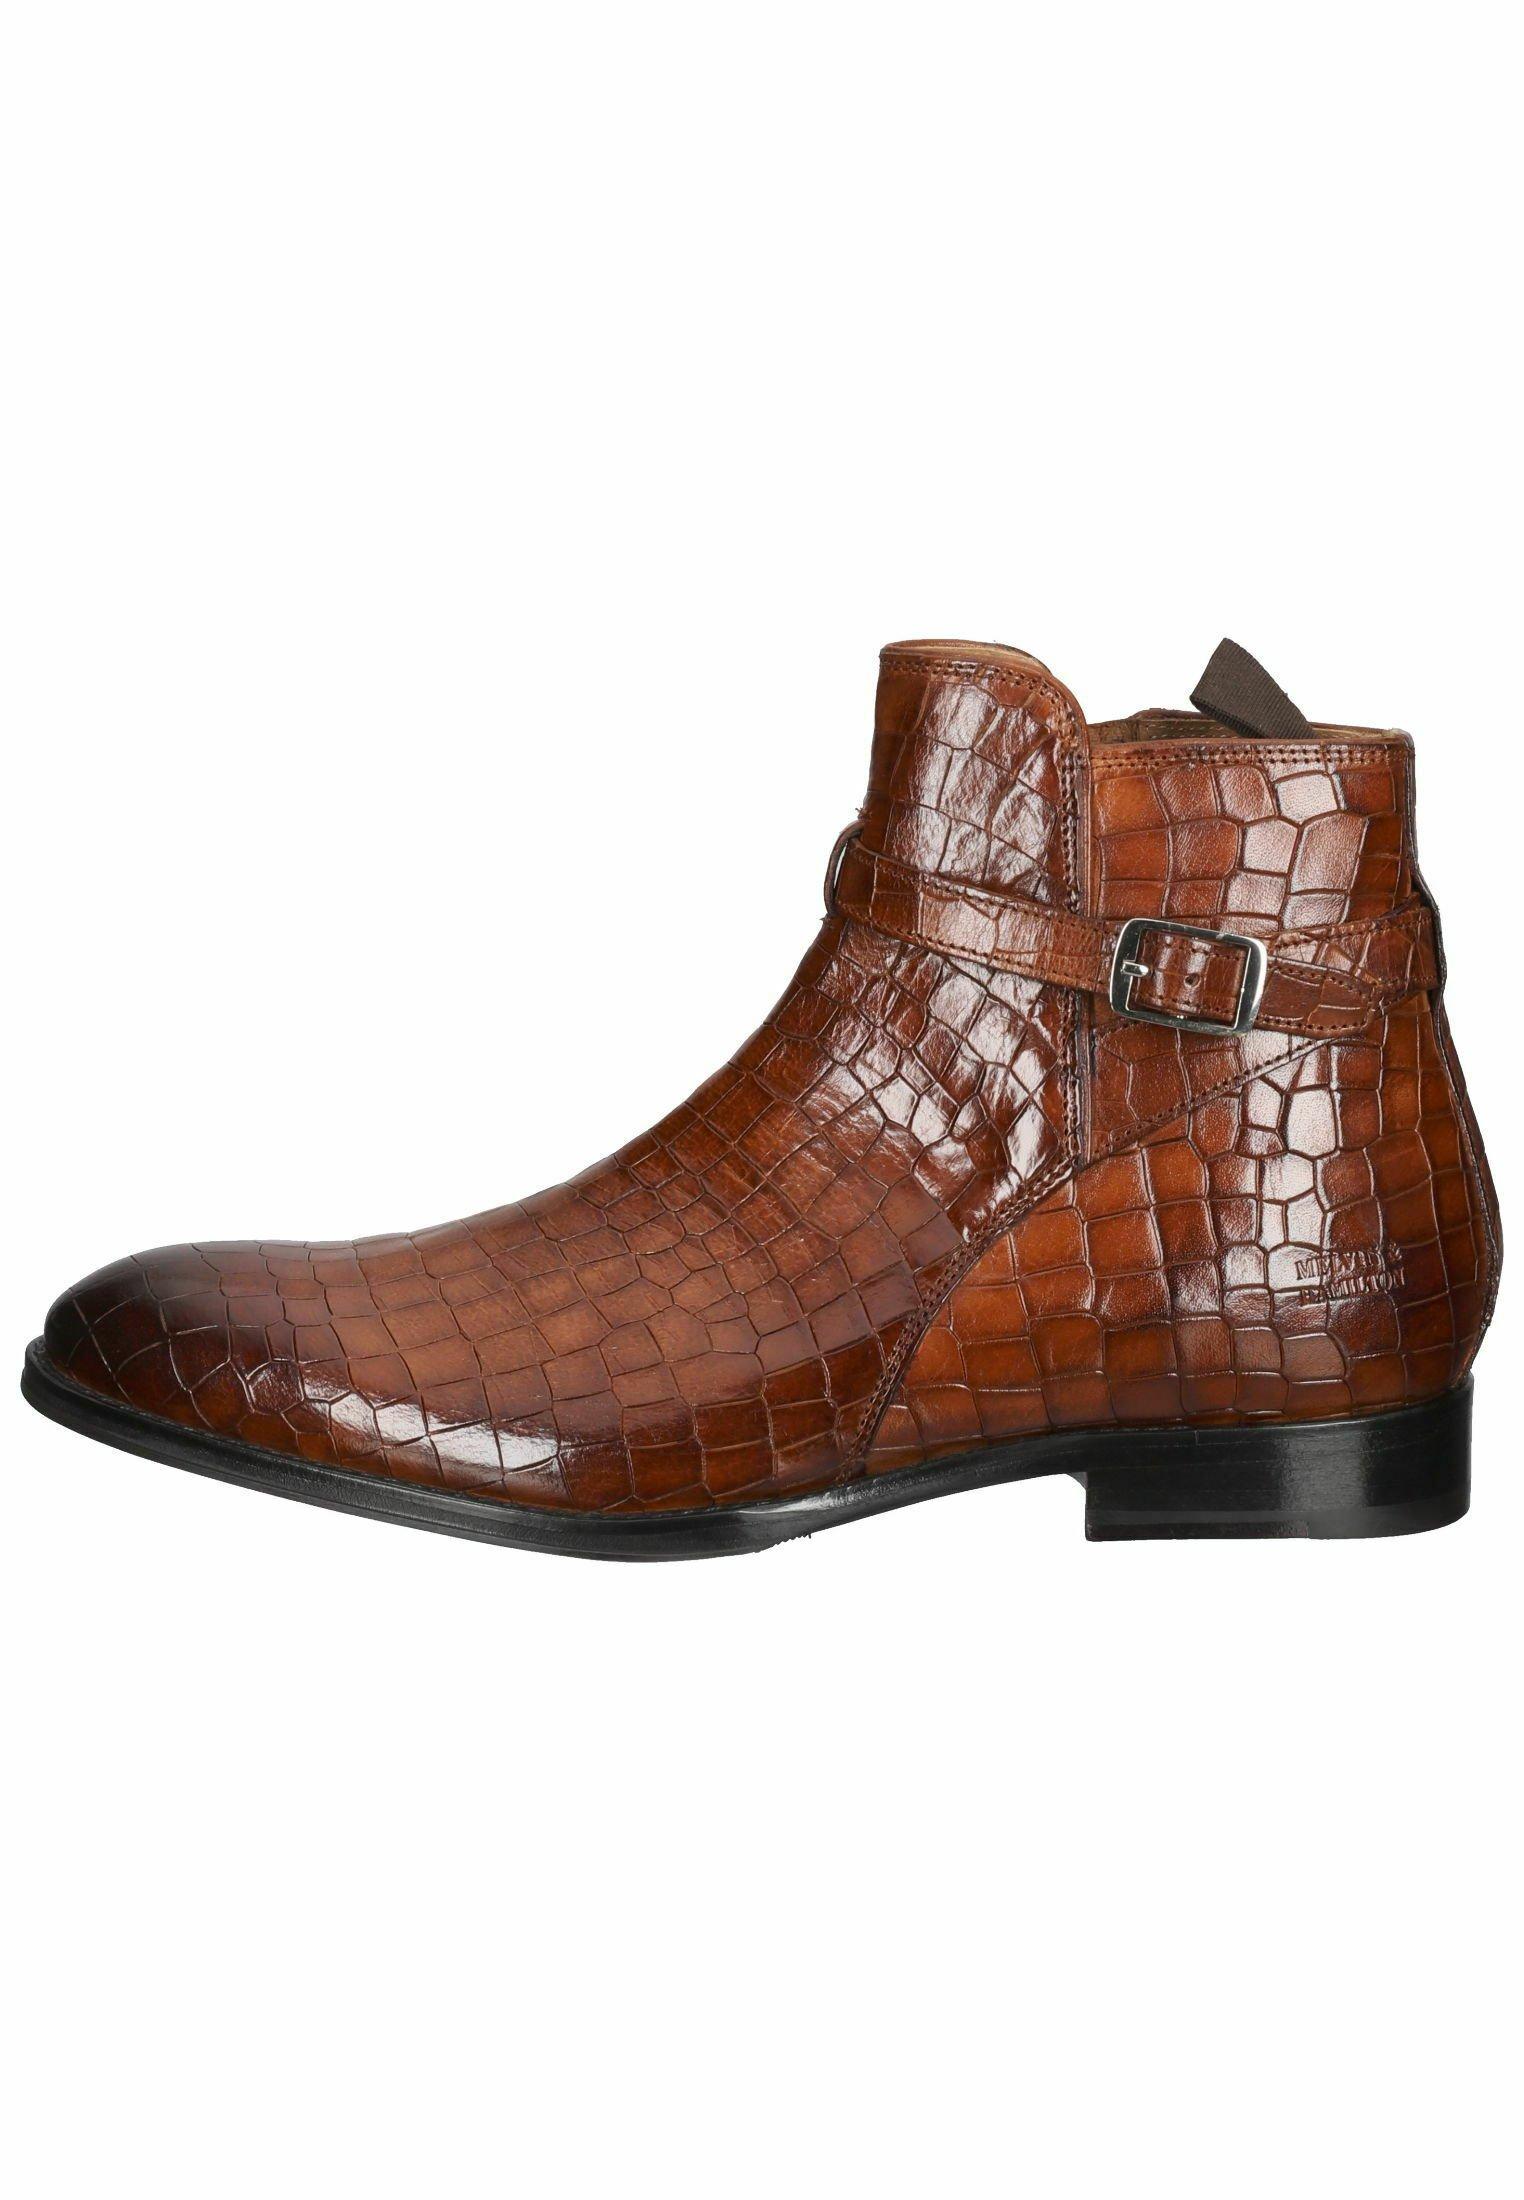 Herren Cowboy-/Bikerstiefelette - crock mid brown kane